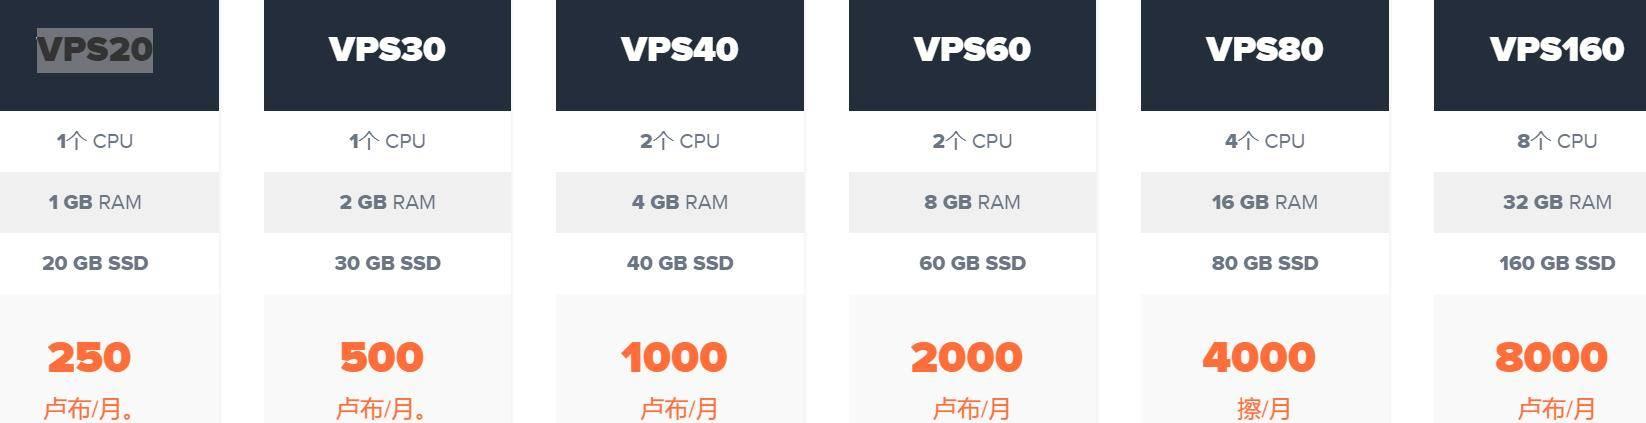 羊毛党之家 毛子机不评价-skyvps.ru:$4/月/1GB内存/20GB SSD空间/不限流量/200Mbps/KVM/俄罗斯莫斯科  https://yangmaodang.org